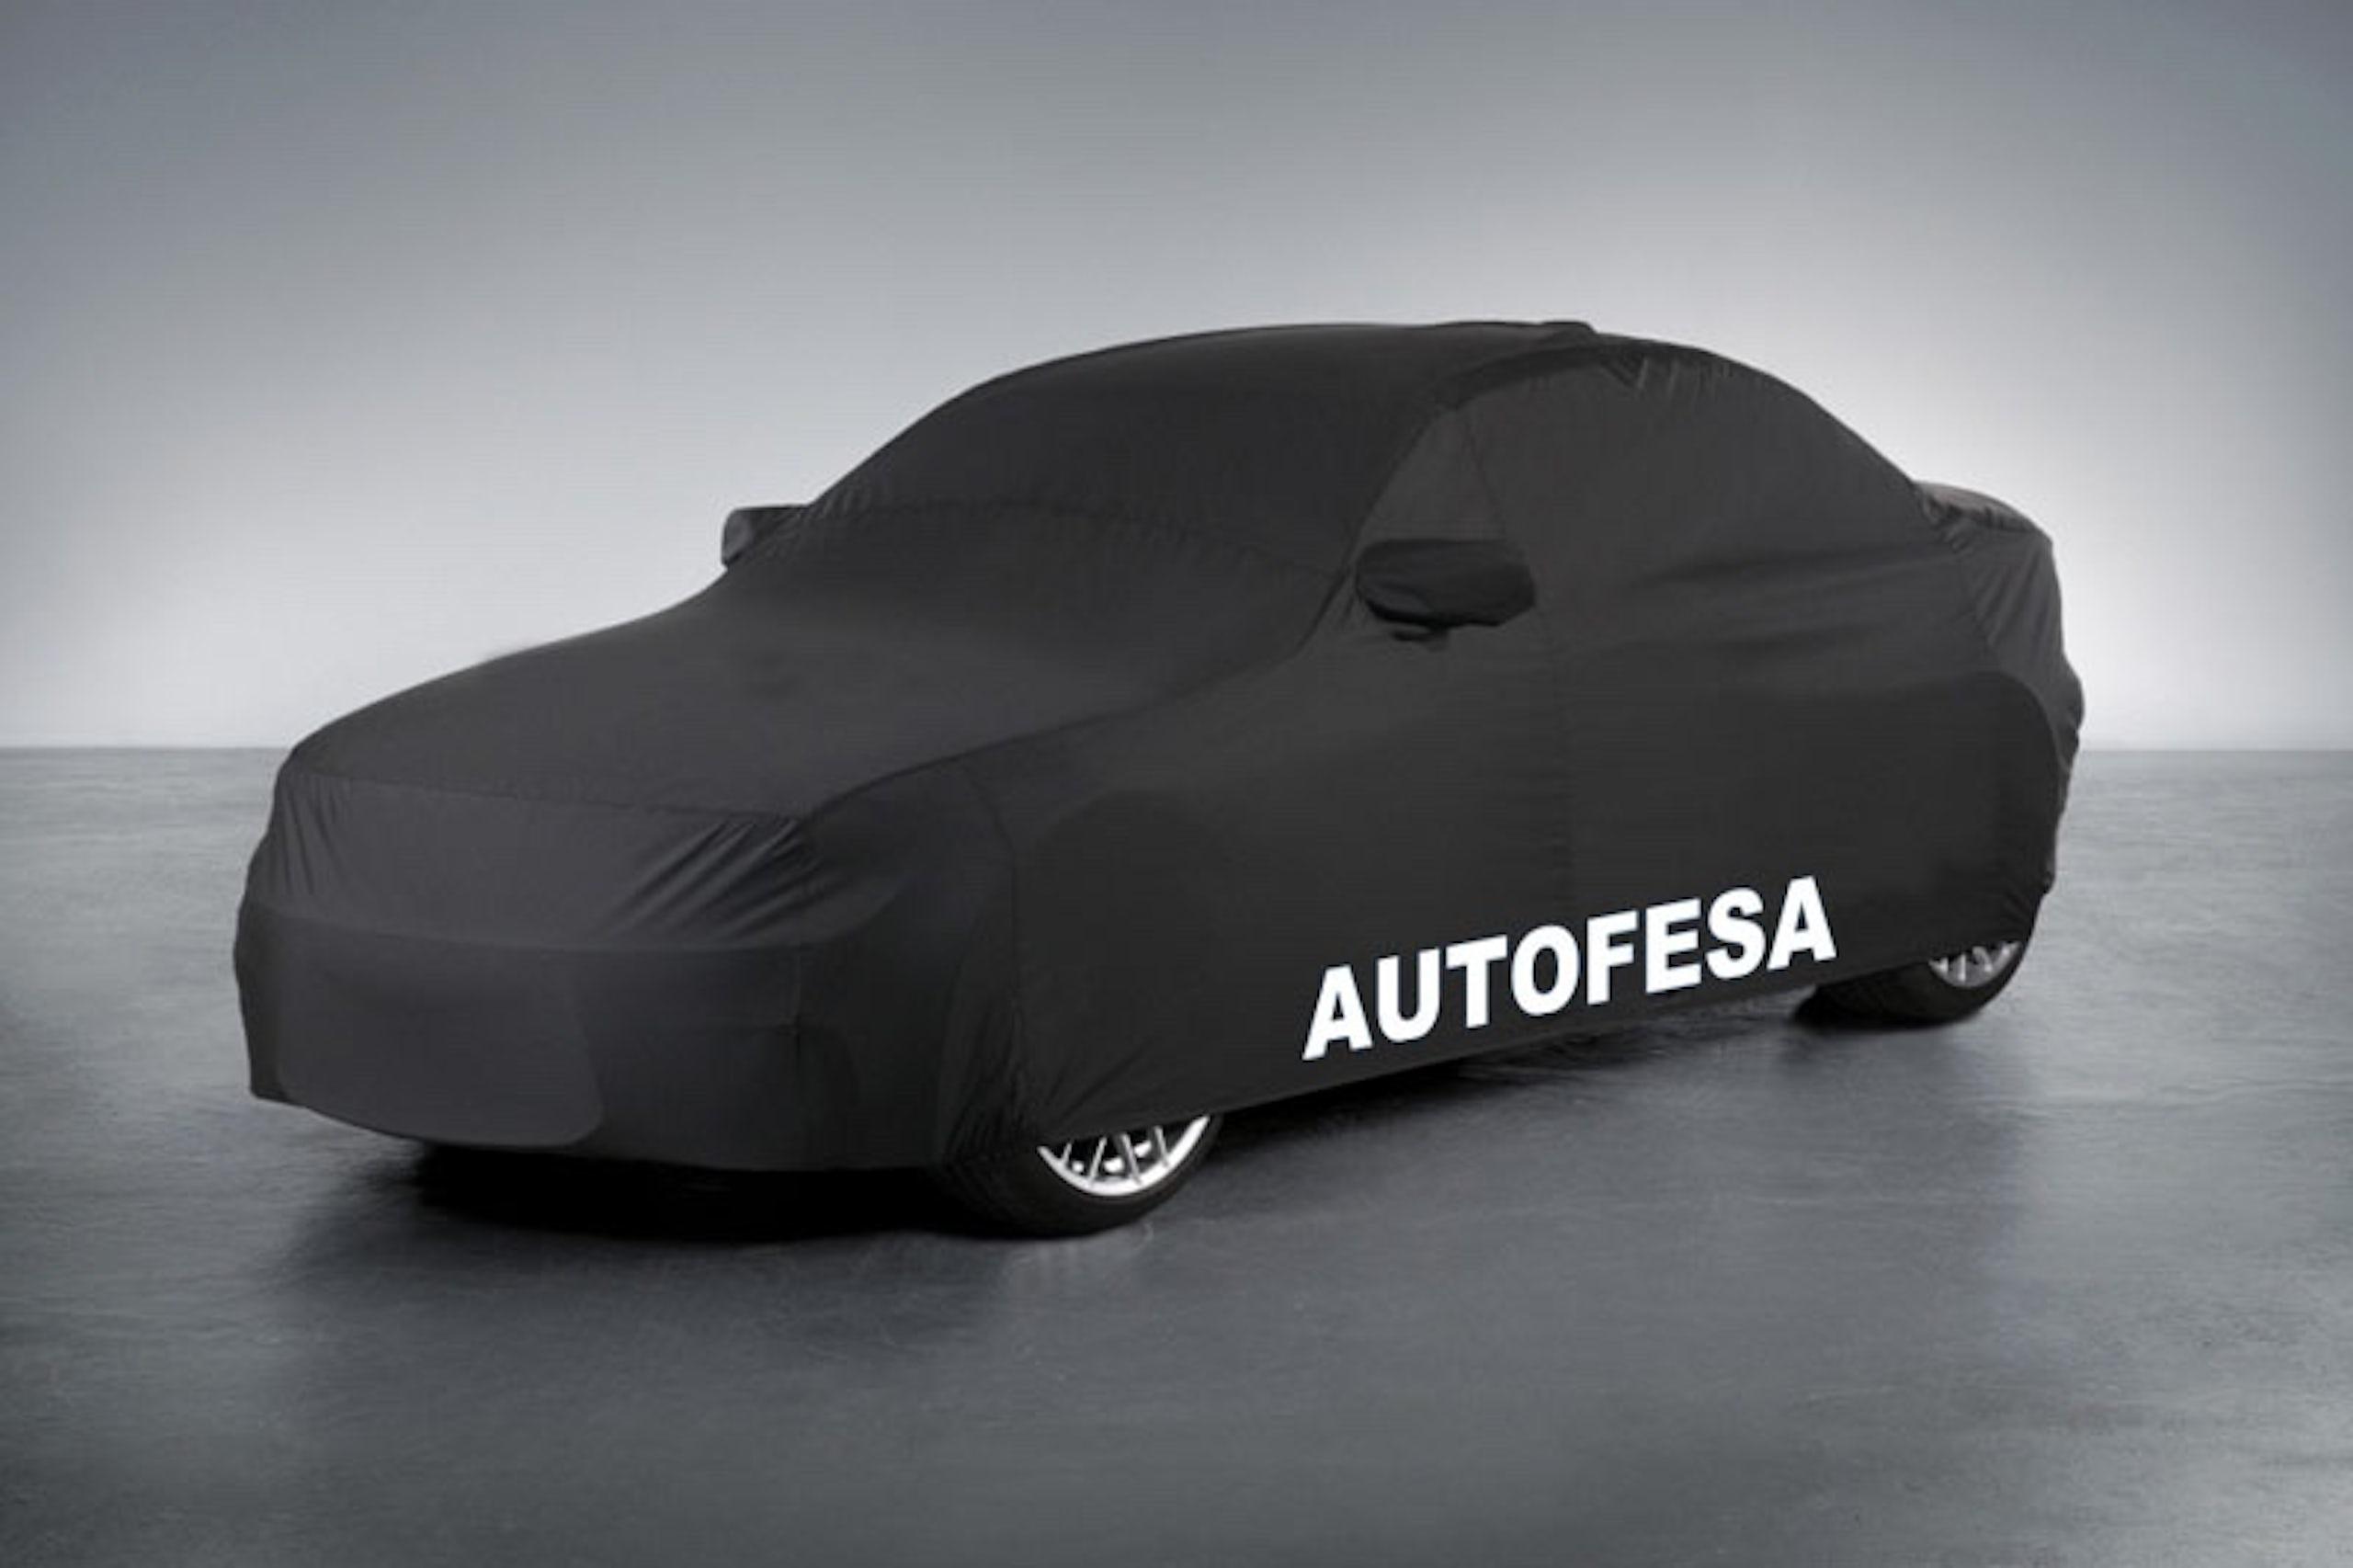 Audi A4 Avant 2.0 TDI 190cv quattro 5p S tronic Auto S/S - Foto 35